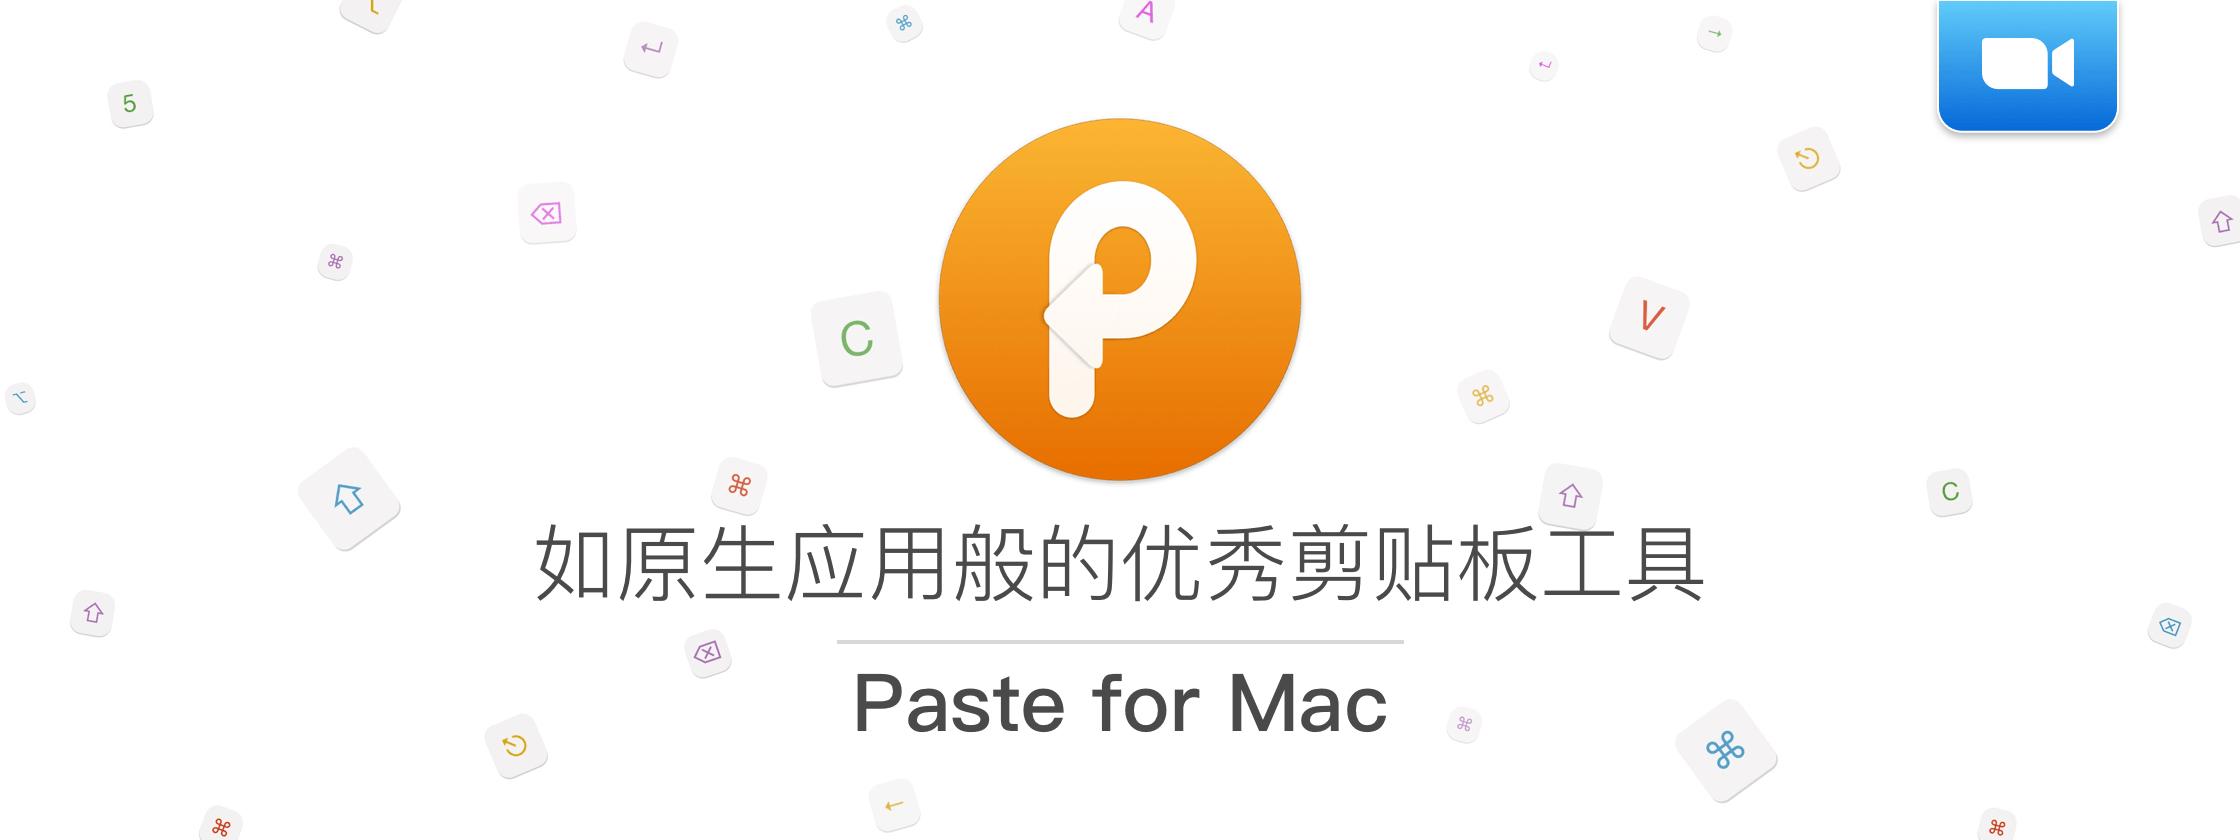 【视频】Paste,如原生应用般的优秀剪贴板工具